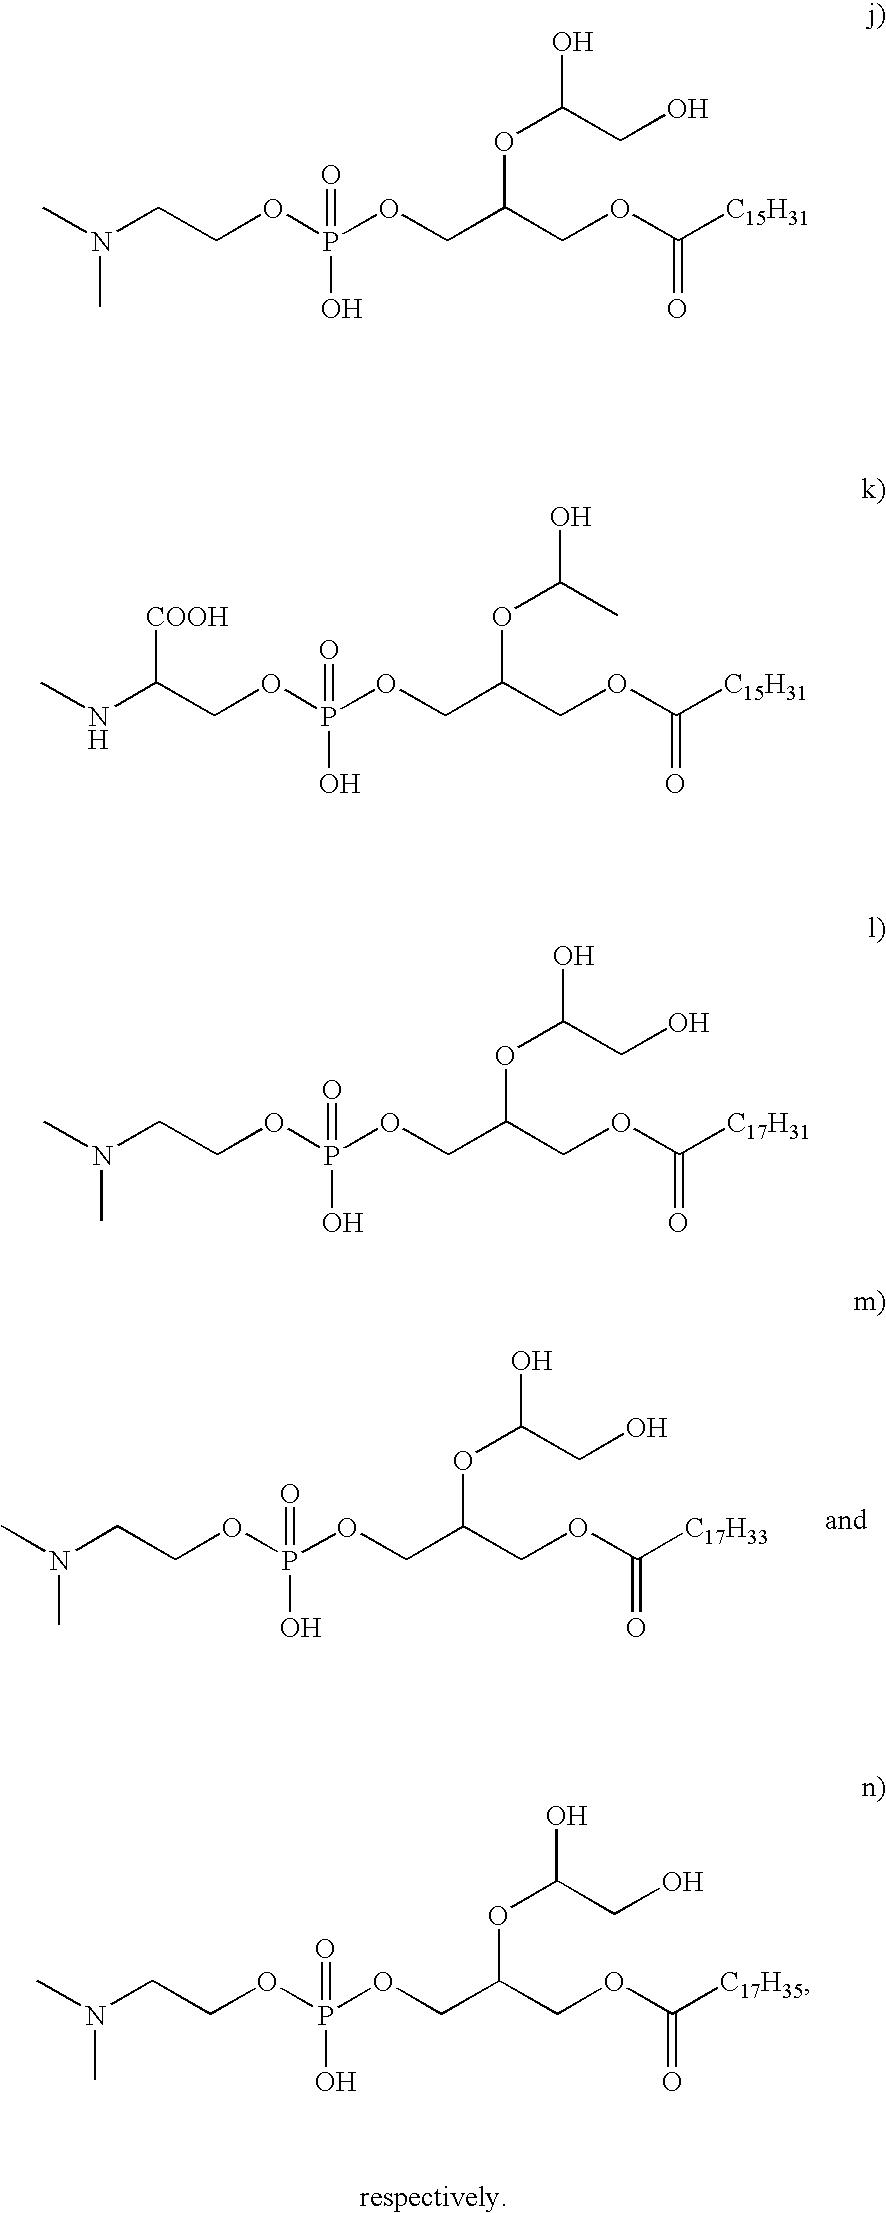 Figure US20090127454A1-20090521-C00193